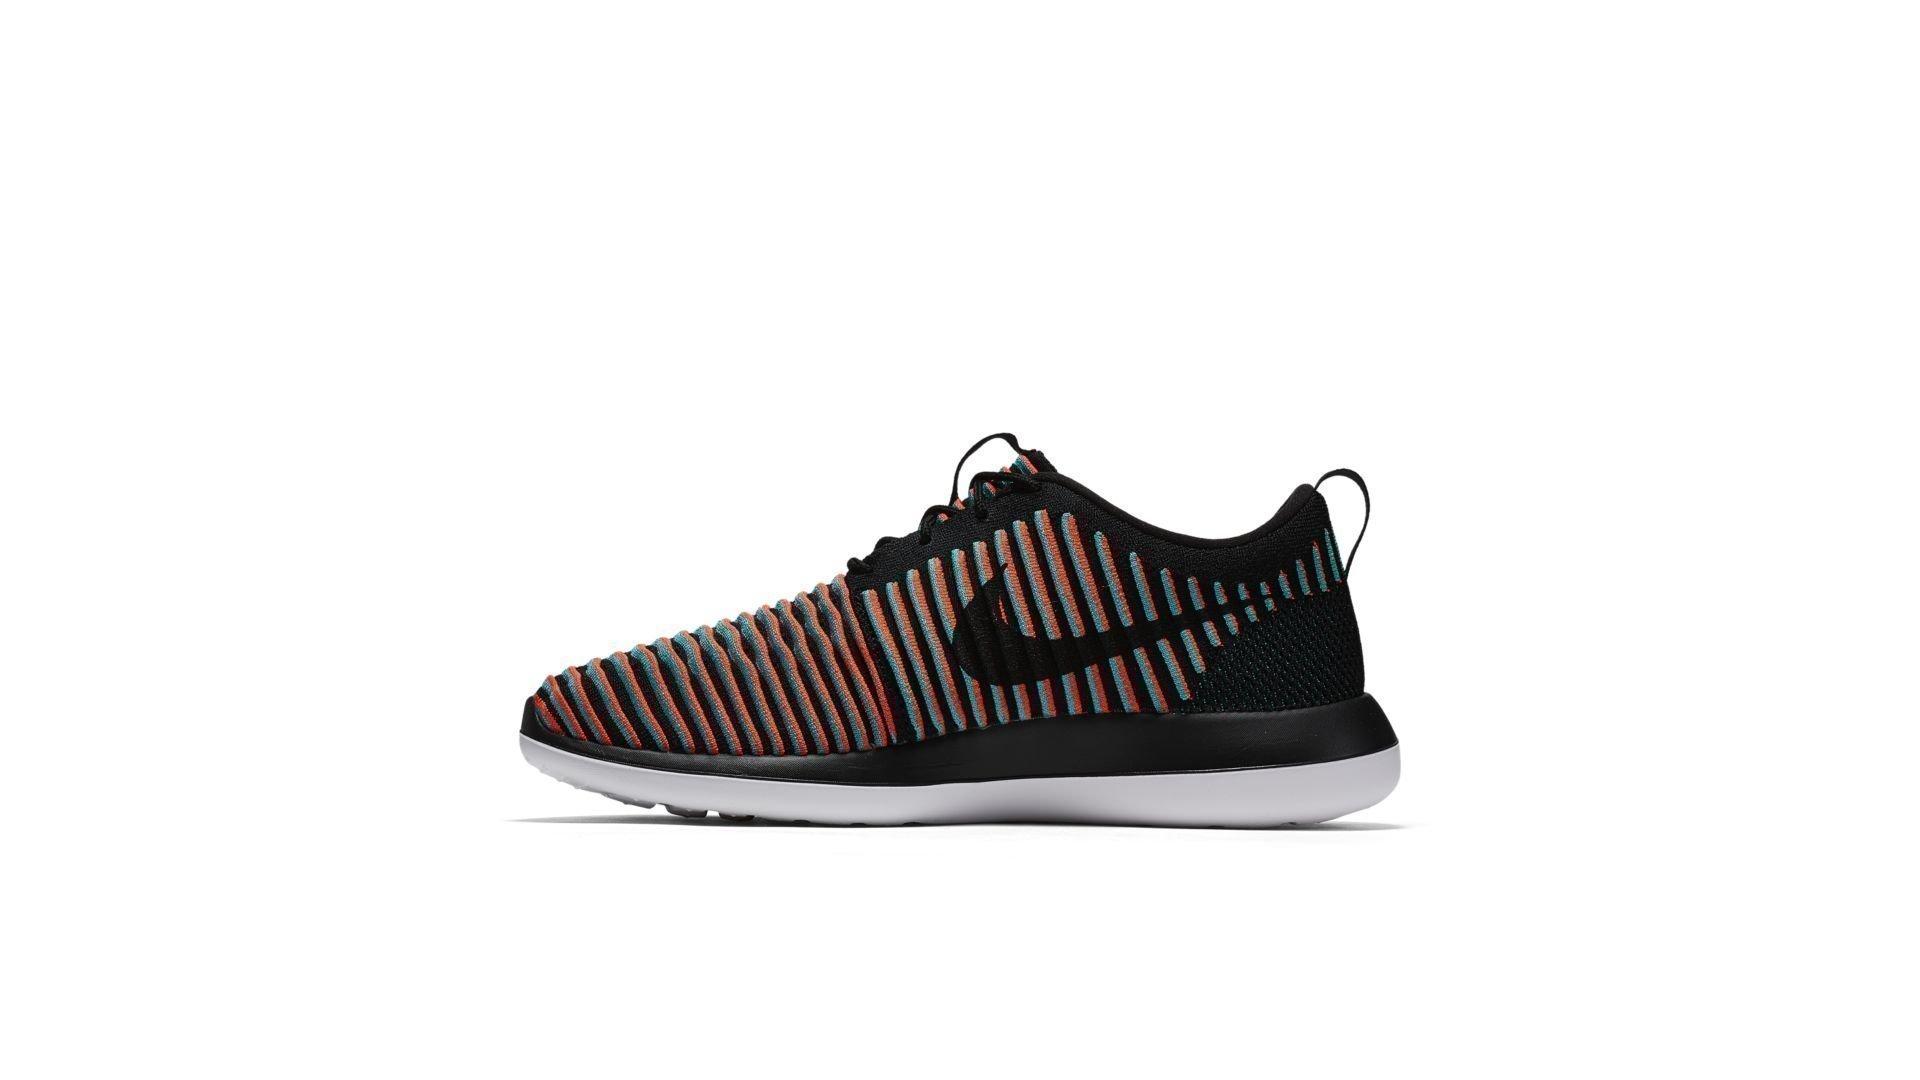 Nike Roshe Two Flyknit Bright Crimson (844833-003)